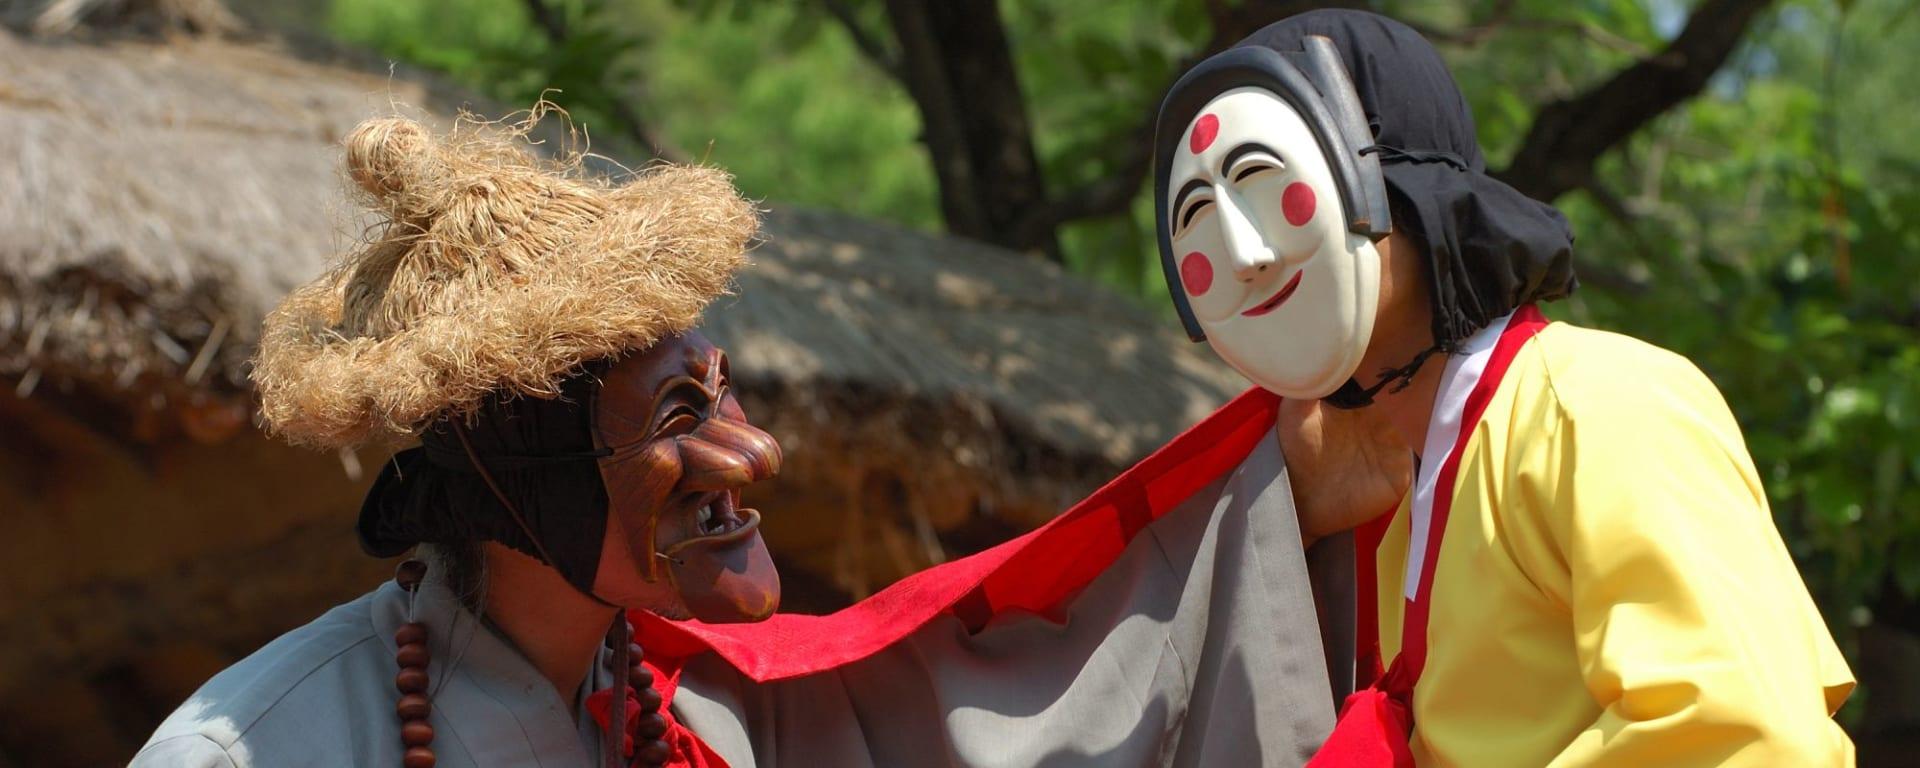 Gruppenreise «Südkorea - Land der Morgenstille» ab Seoul: Andong: Mask dance